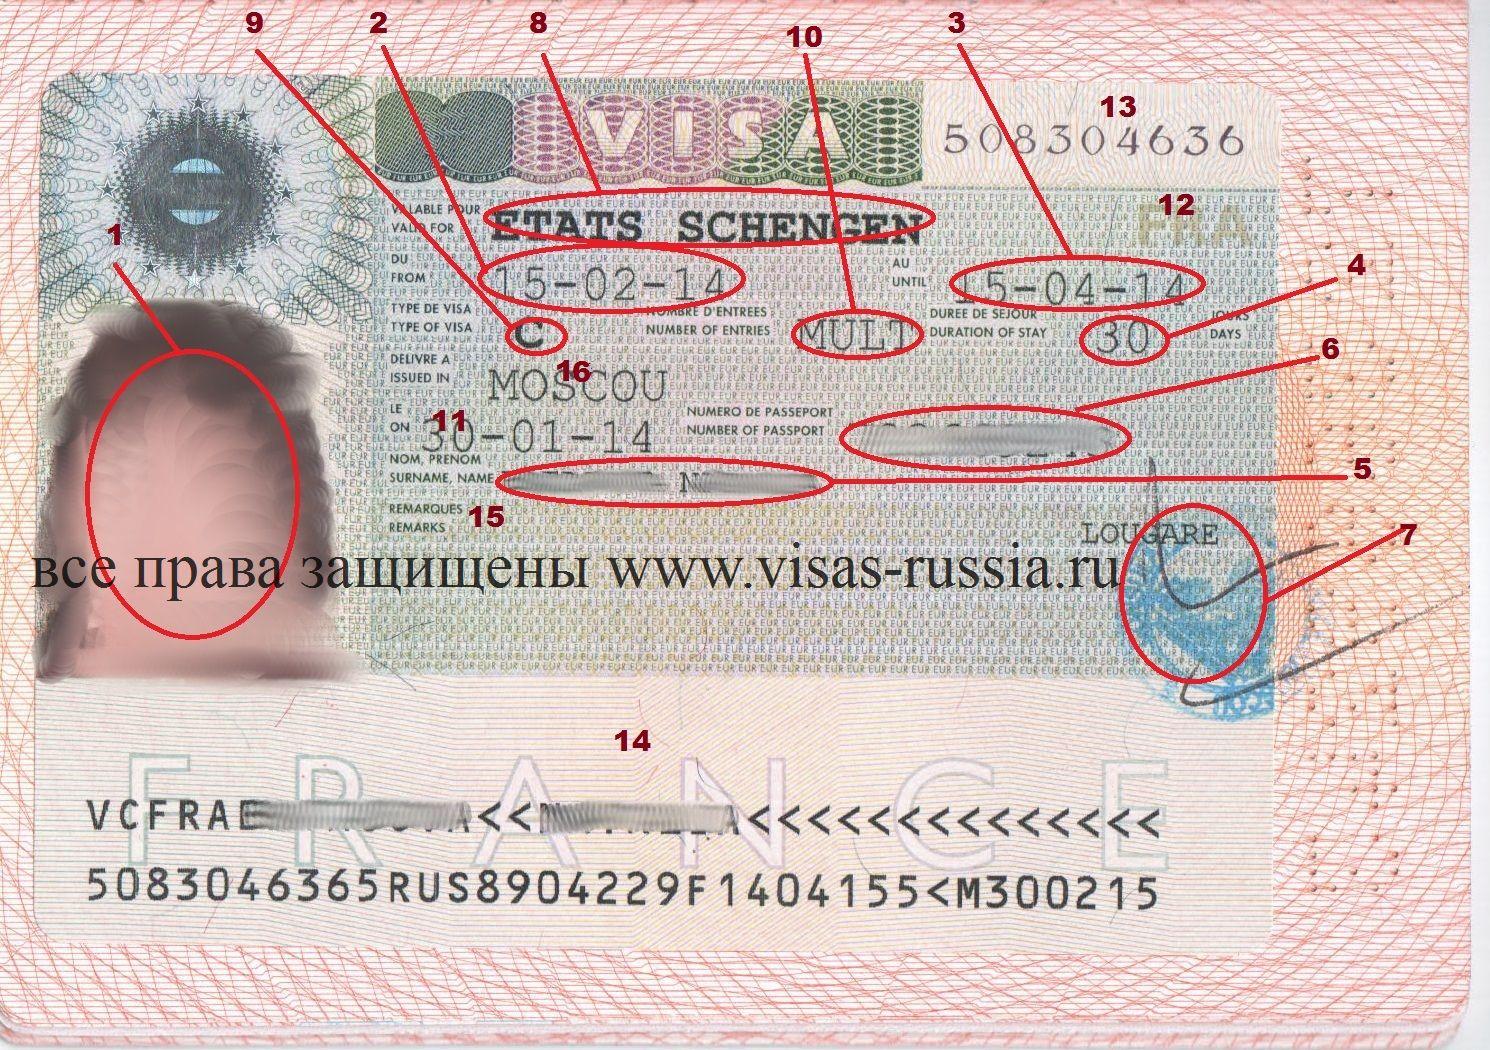 Проститутки екатеринбурга на визе за 2000 13 фотография